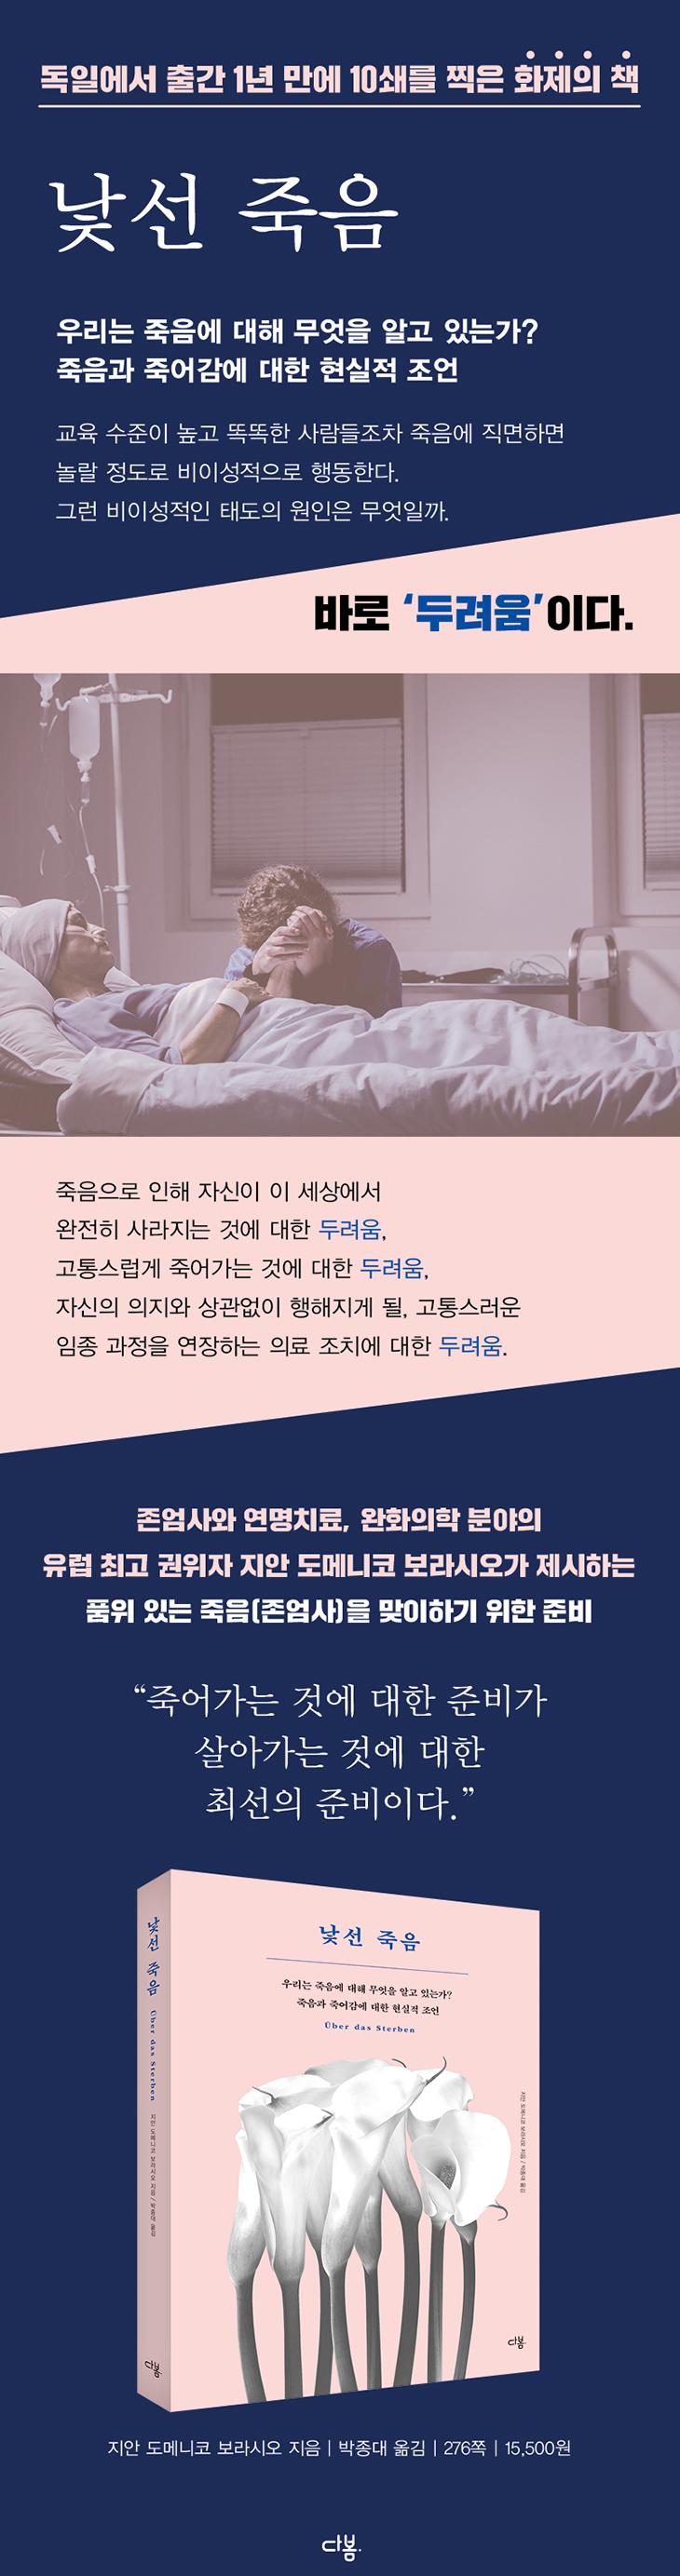 낯선죽음 상세이미지(최종).jpg